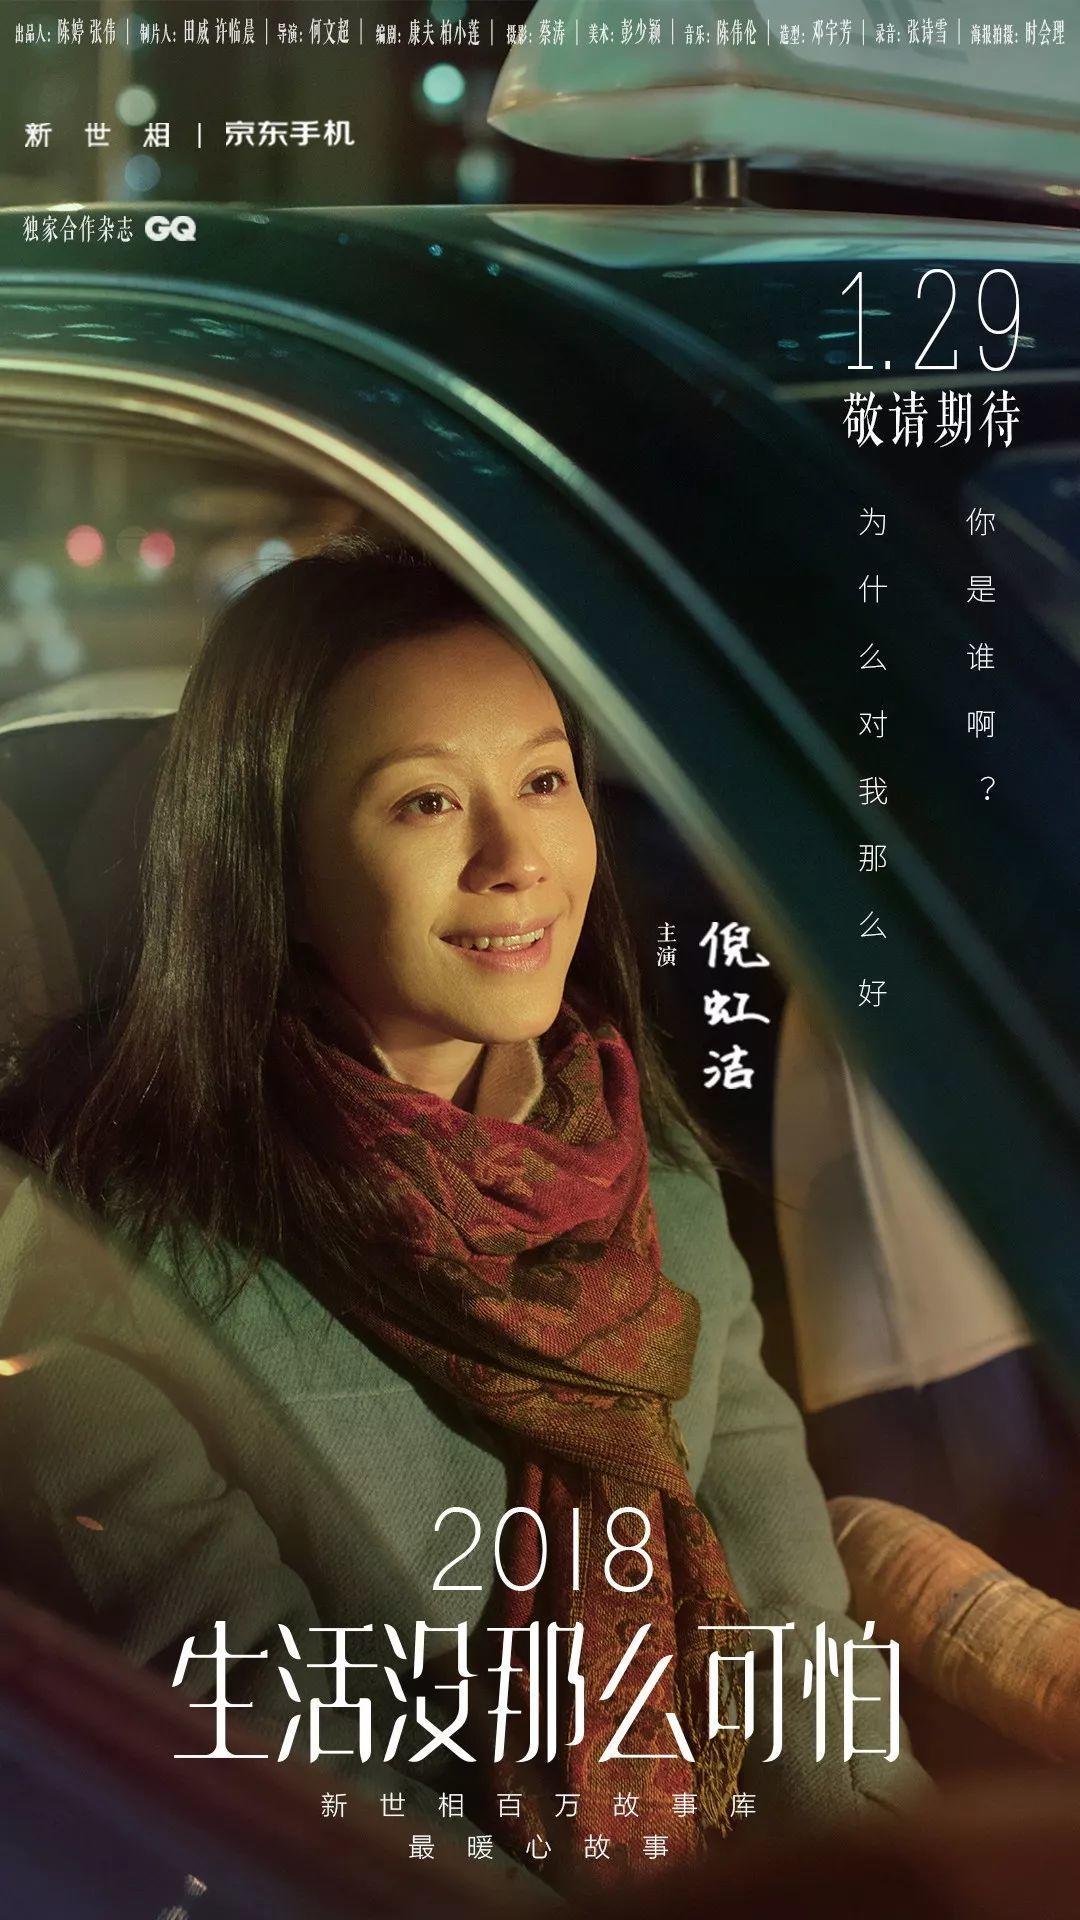 2018年第一支催泪短片,这个女人被老公绑了三年……